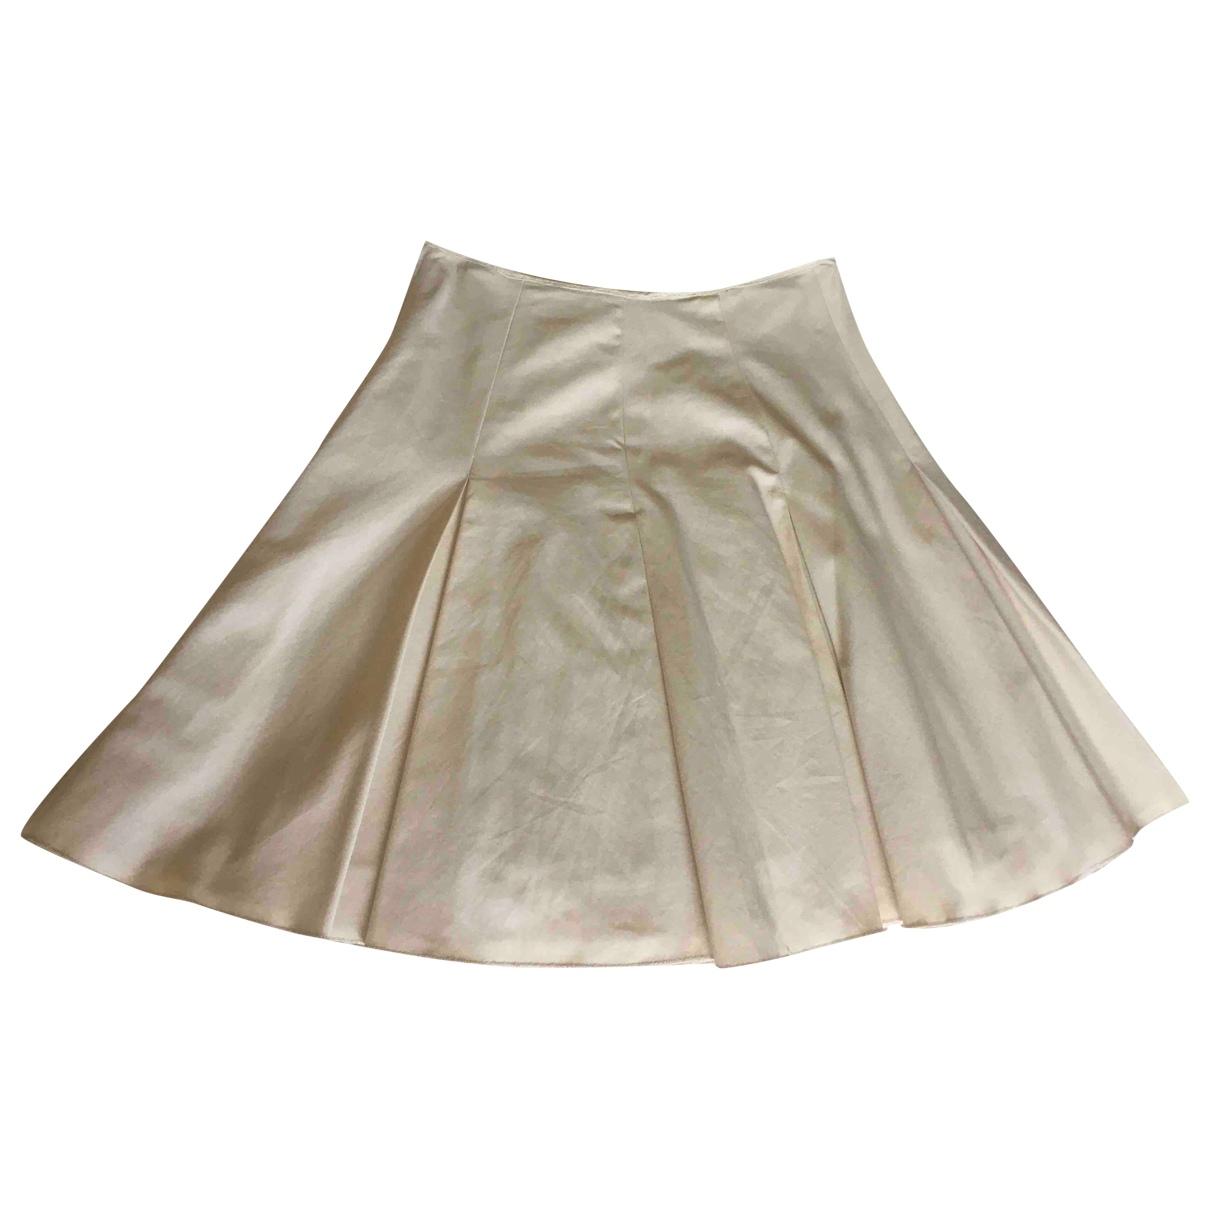 Paul Smith \N Beige Cotton skirt for Women 42 IT